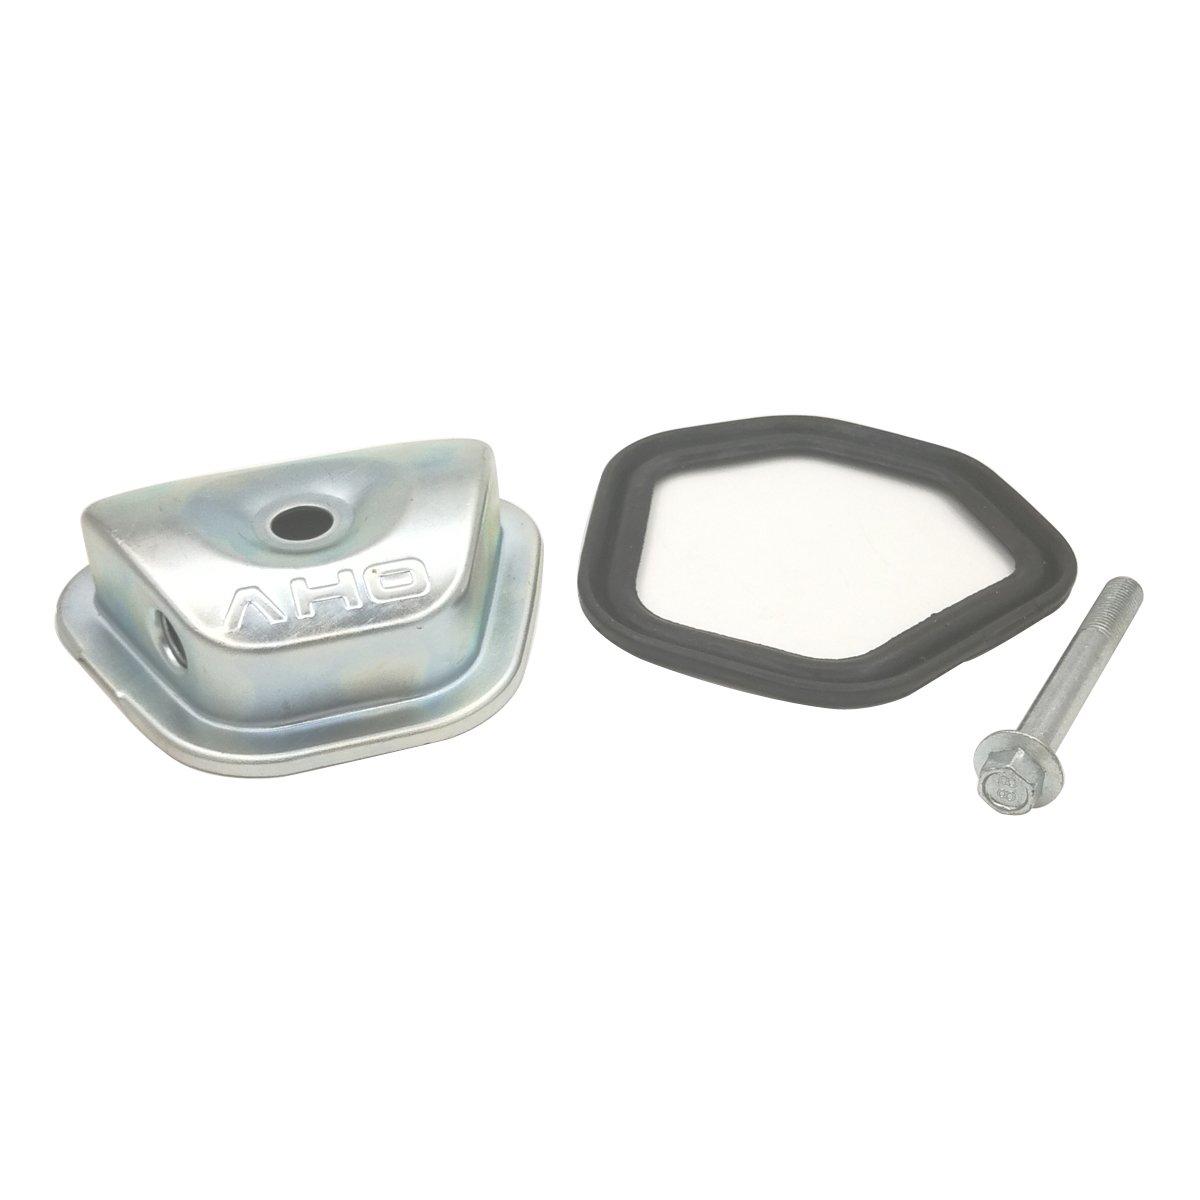 Honda GX270 GX390 Rocker Cover Gasket 12391-ZE2-020 GX340